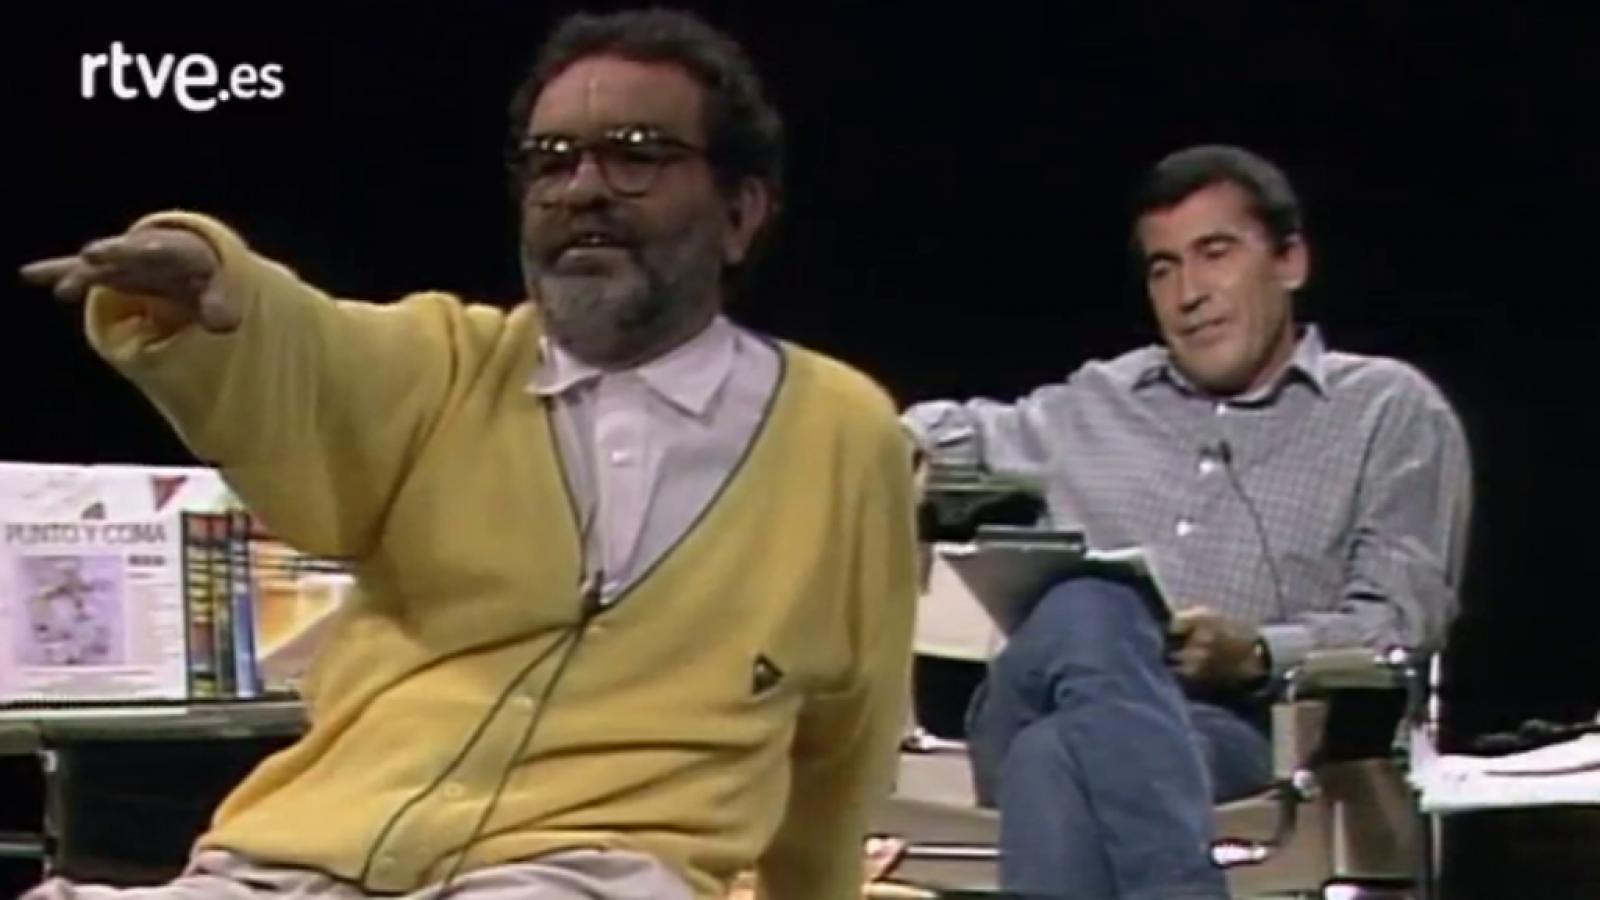 Arrabal durante su famosa intervención en el programa de Sánchez Dragó dedicado al apocalipsis (5 de octubre de 1989)